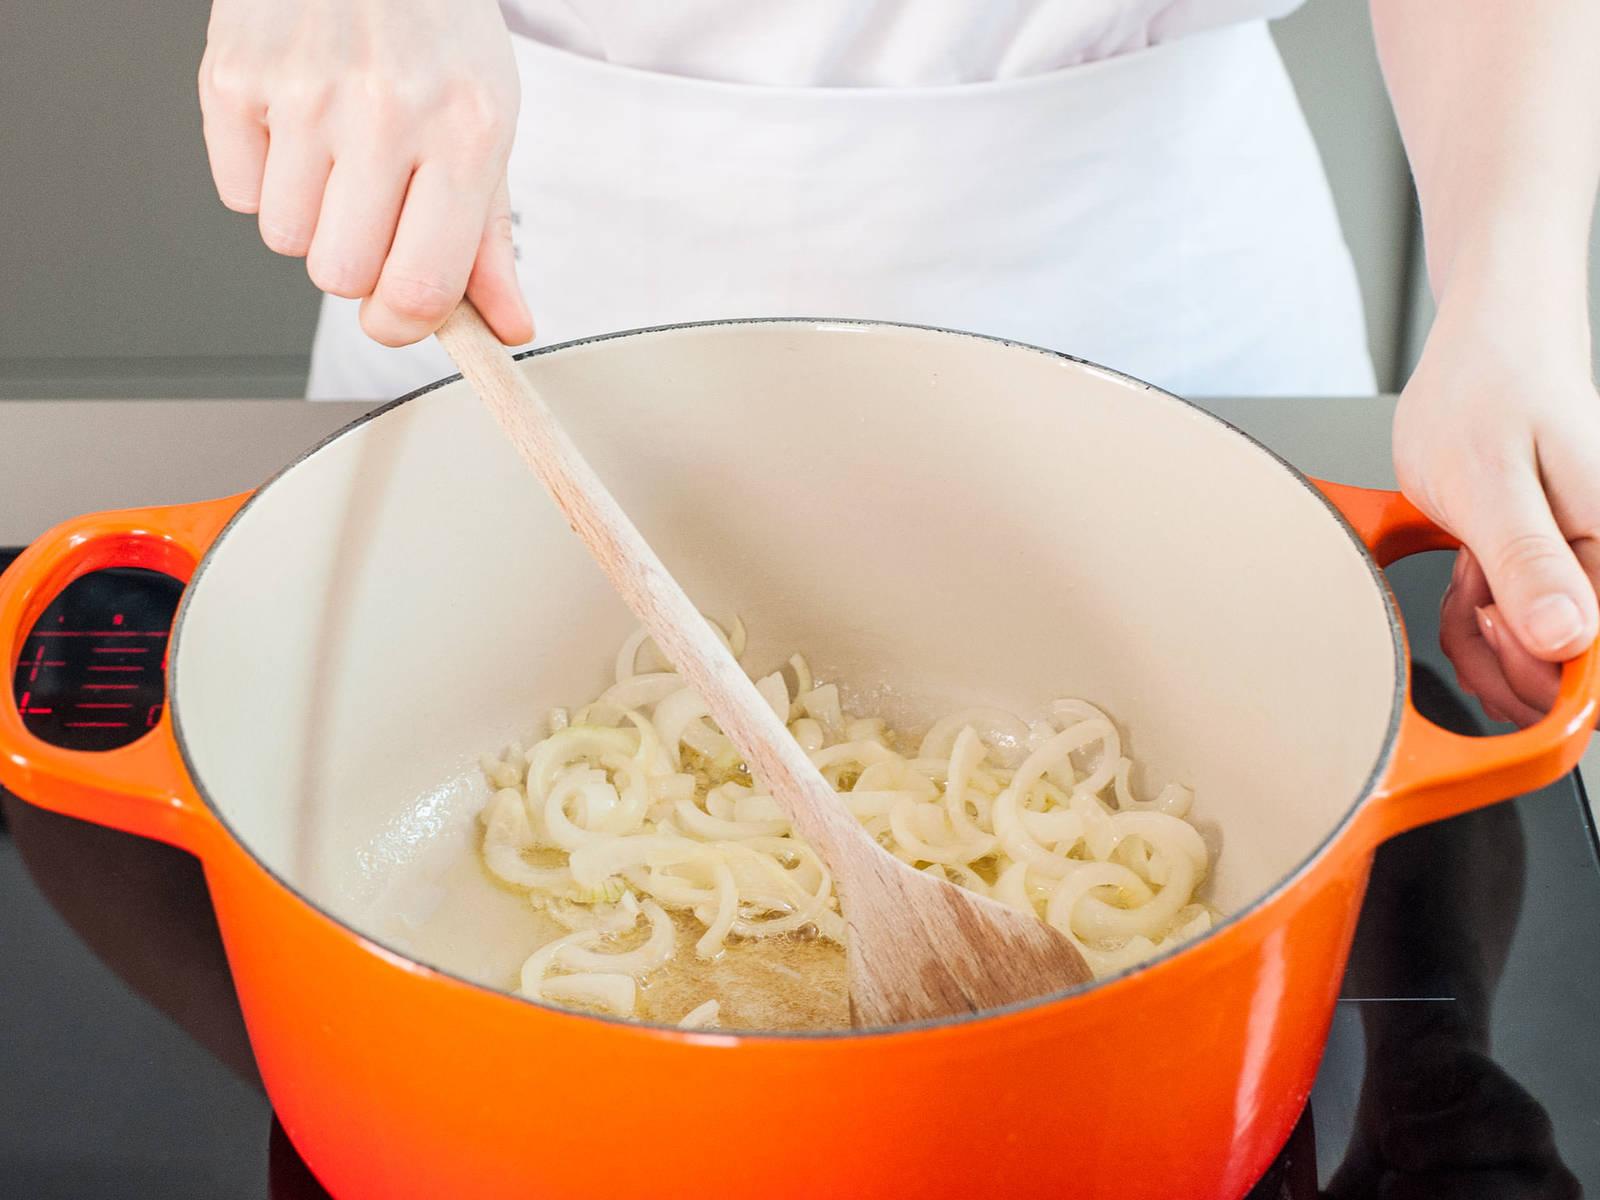 在大锅中,中火加热些许黄油,直至其融化。放入洋葱末和蒜末,翻炒至变透明且散发香味,约需8分钟。